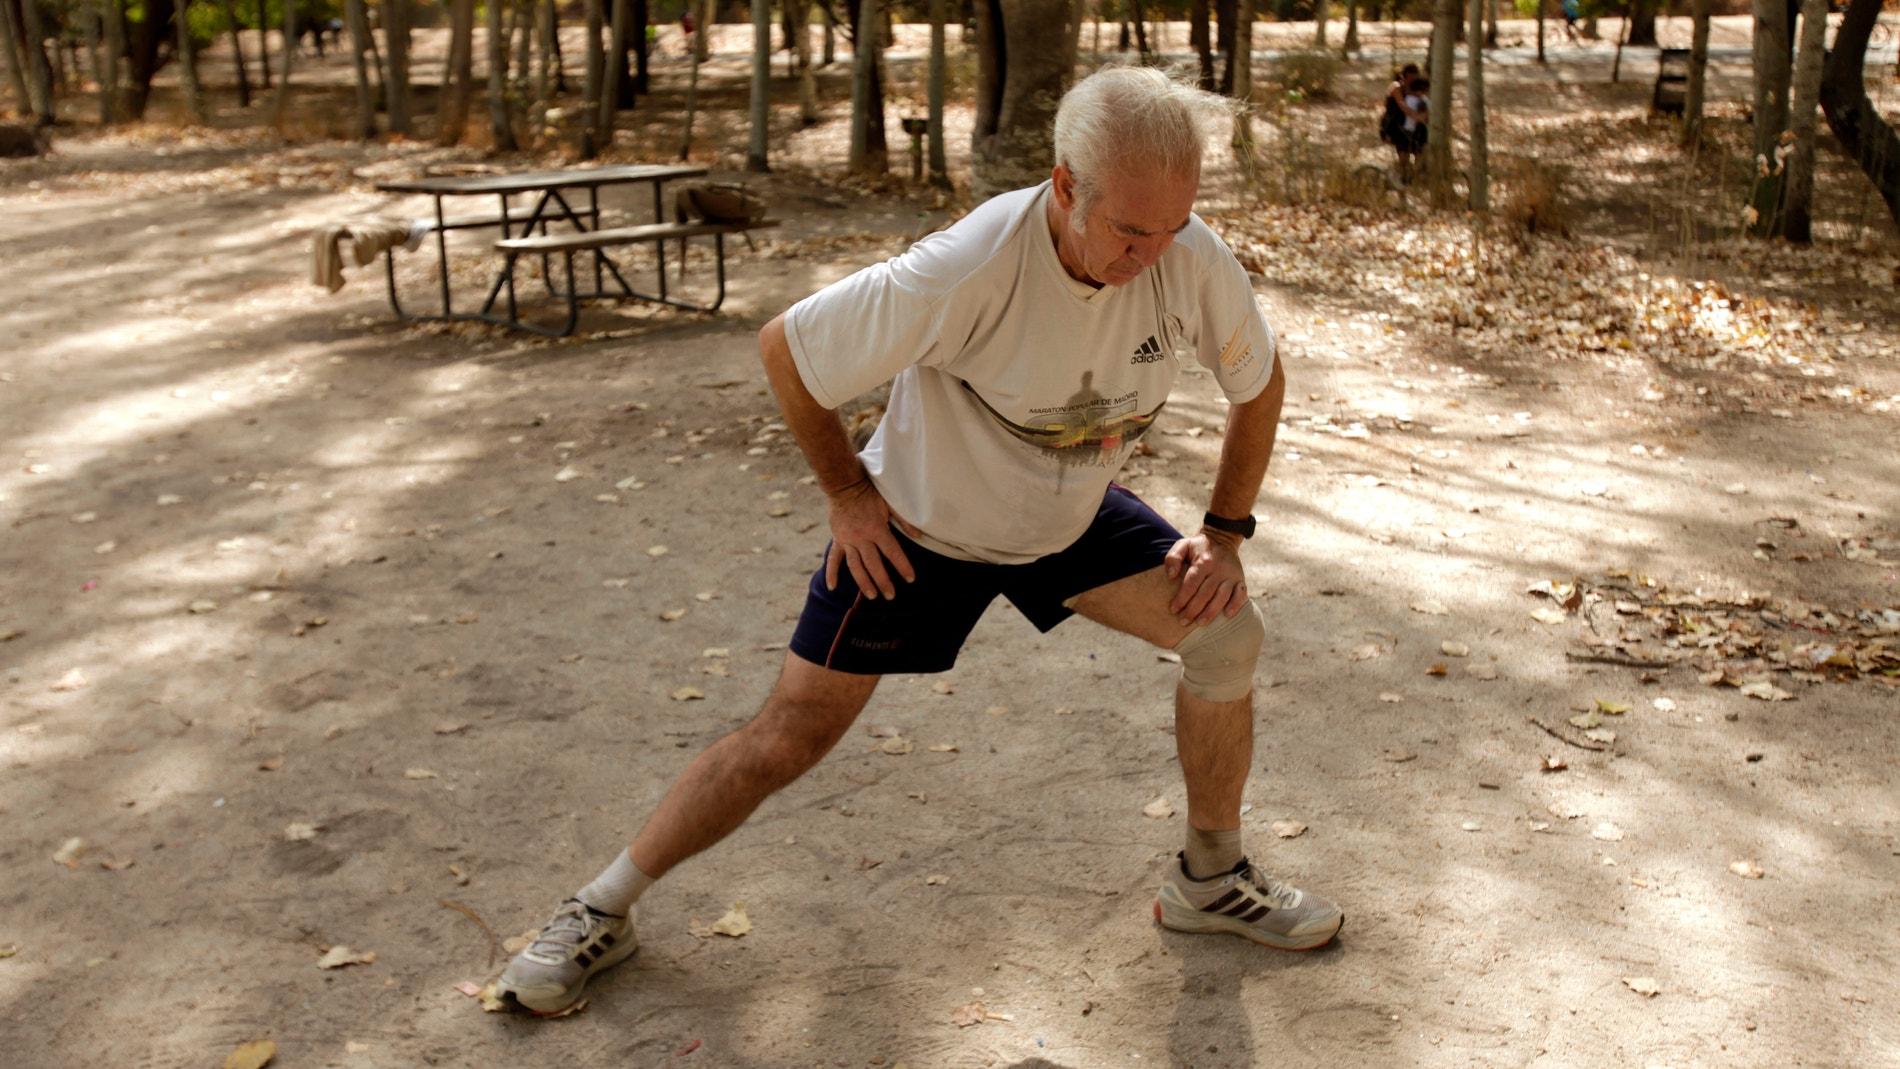 Una persona practica deporte en un parqu